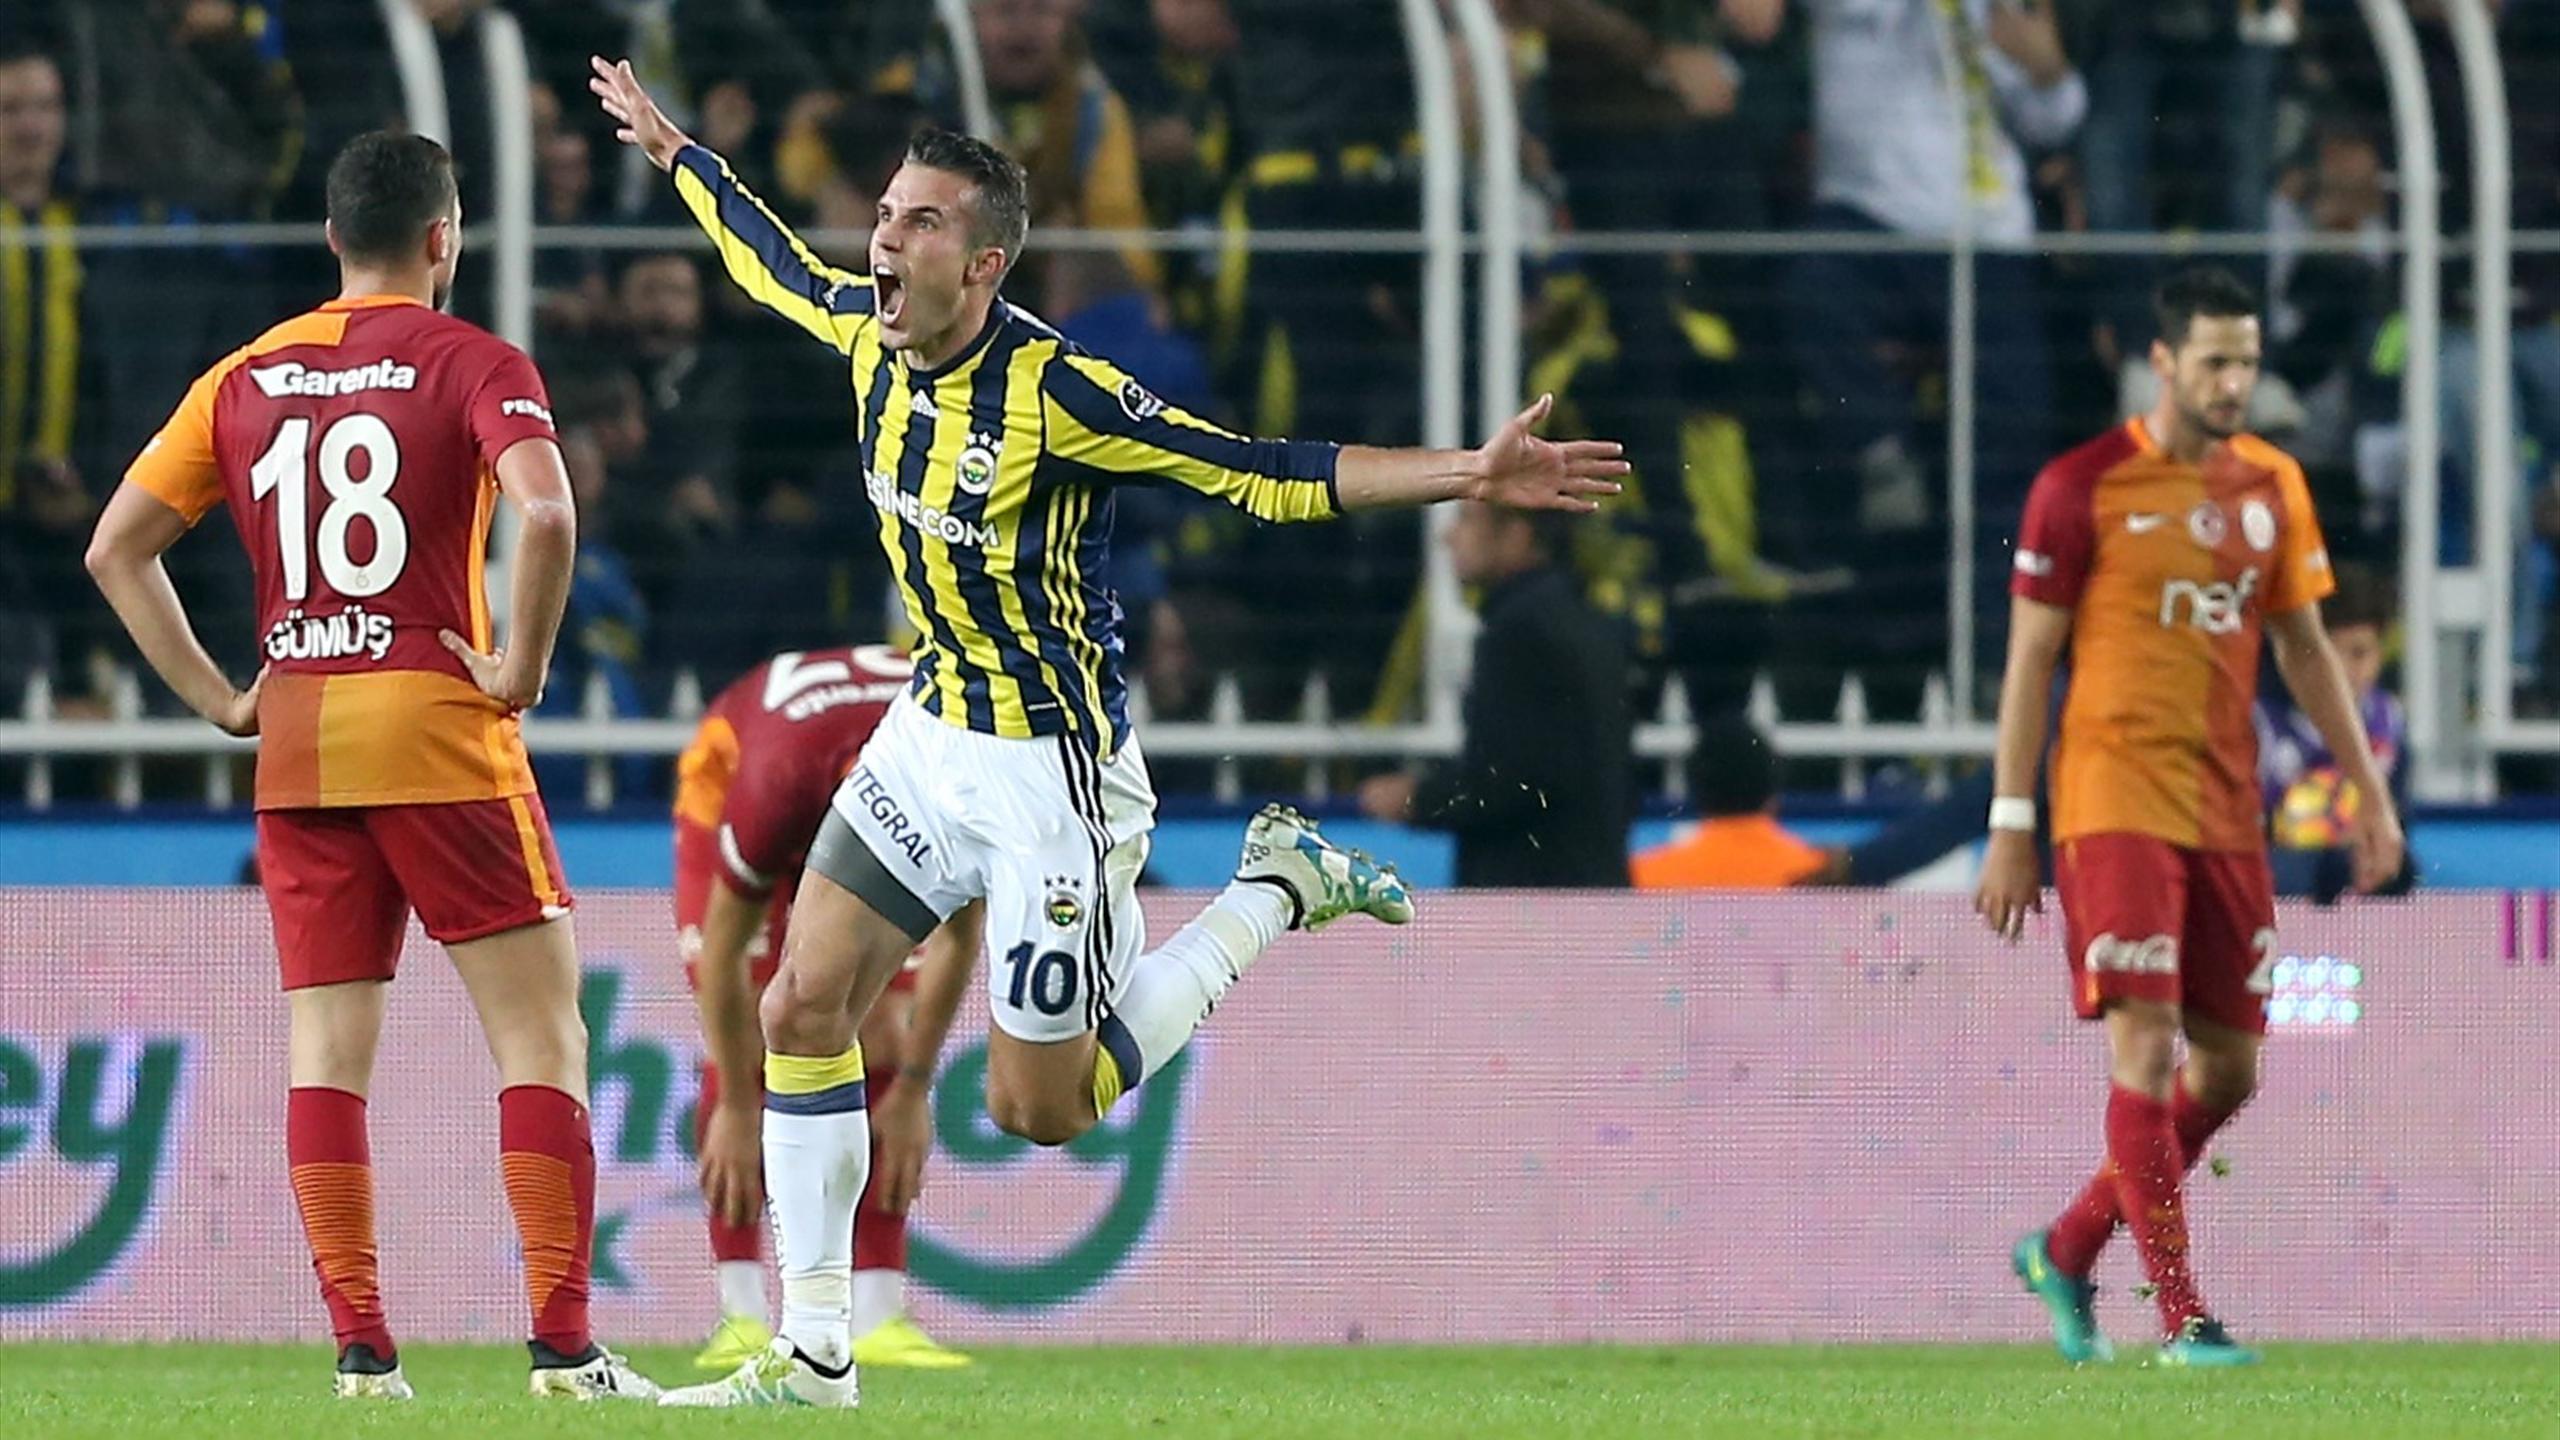 Fenerbahçe'in Kadıköy'de Galatasaray'a Yenilmediği 19 lig maçı 21